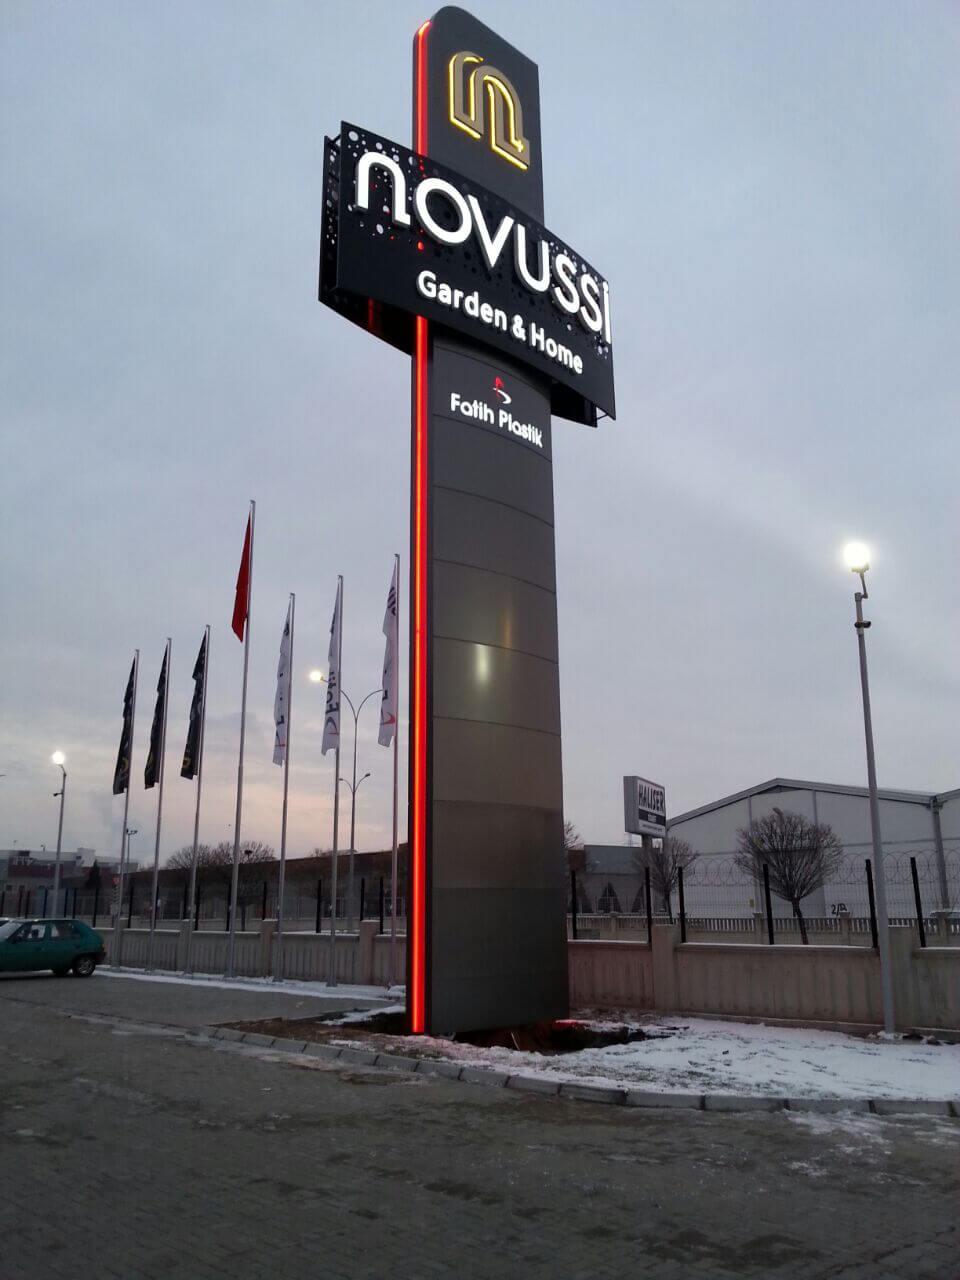 Novussi Totem